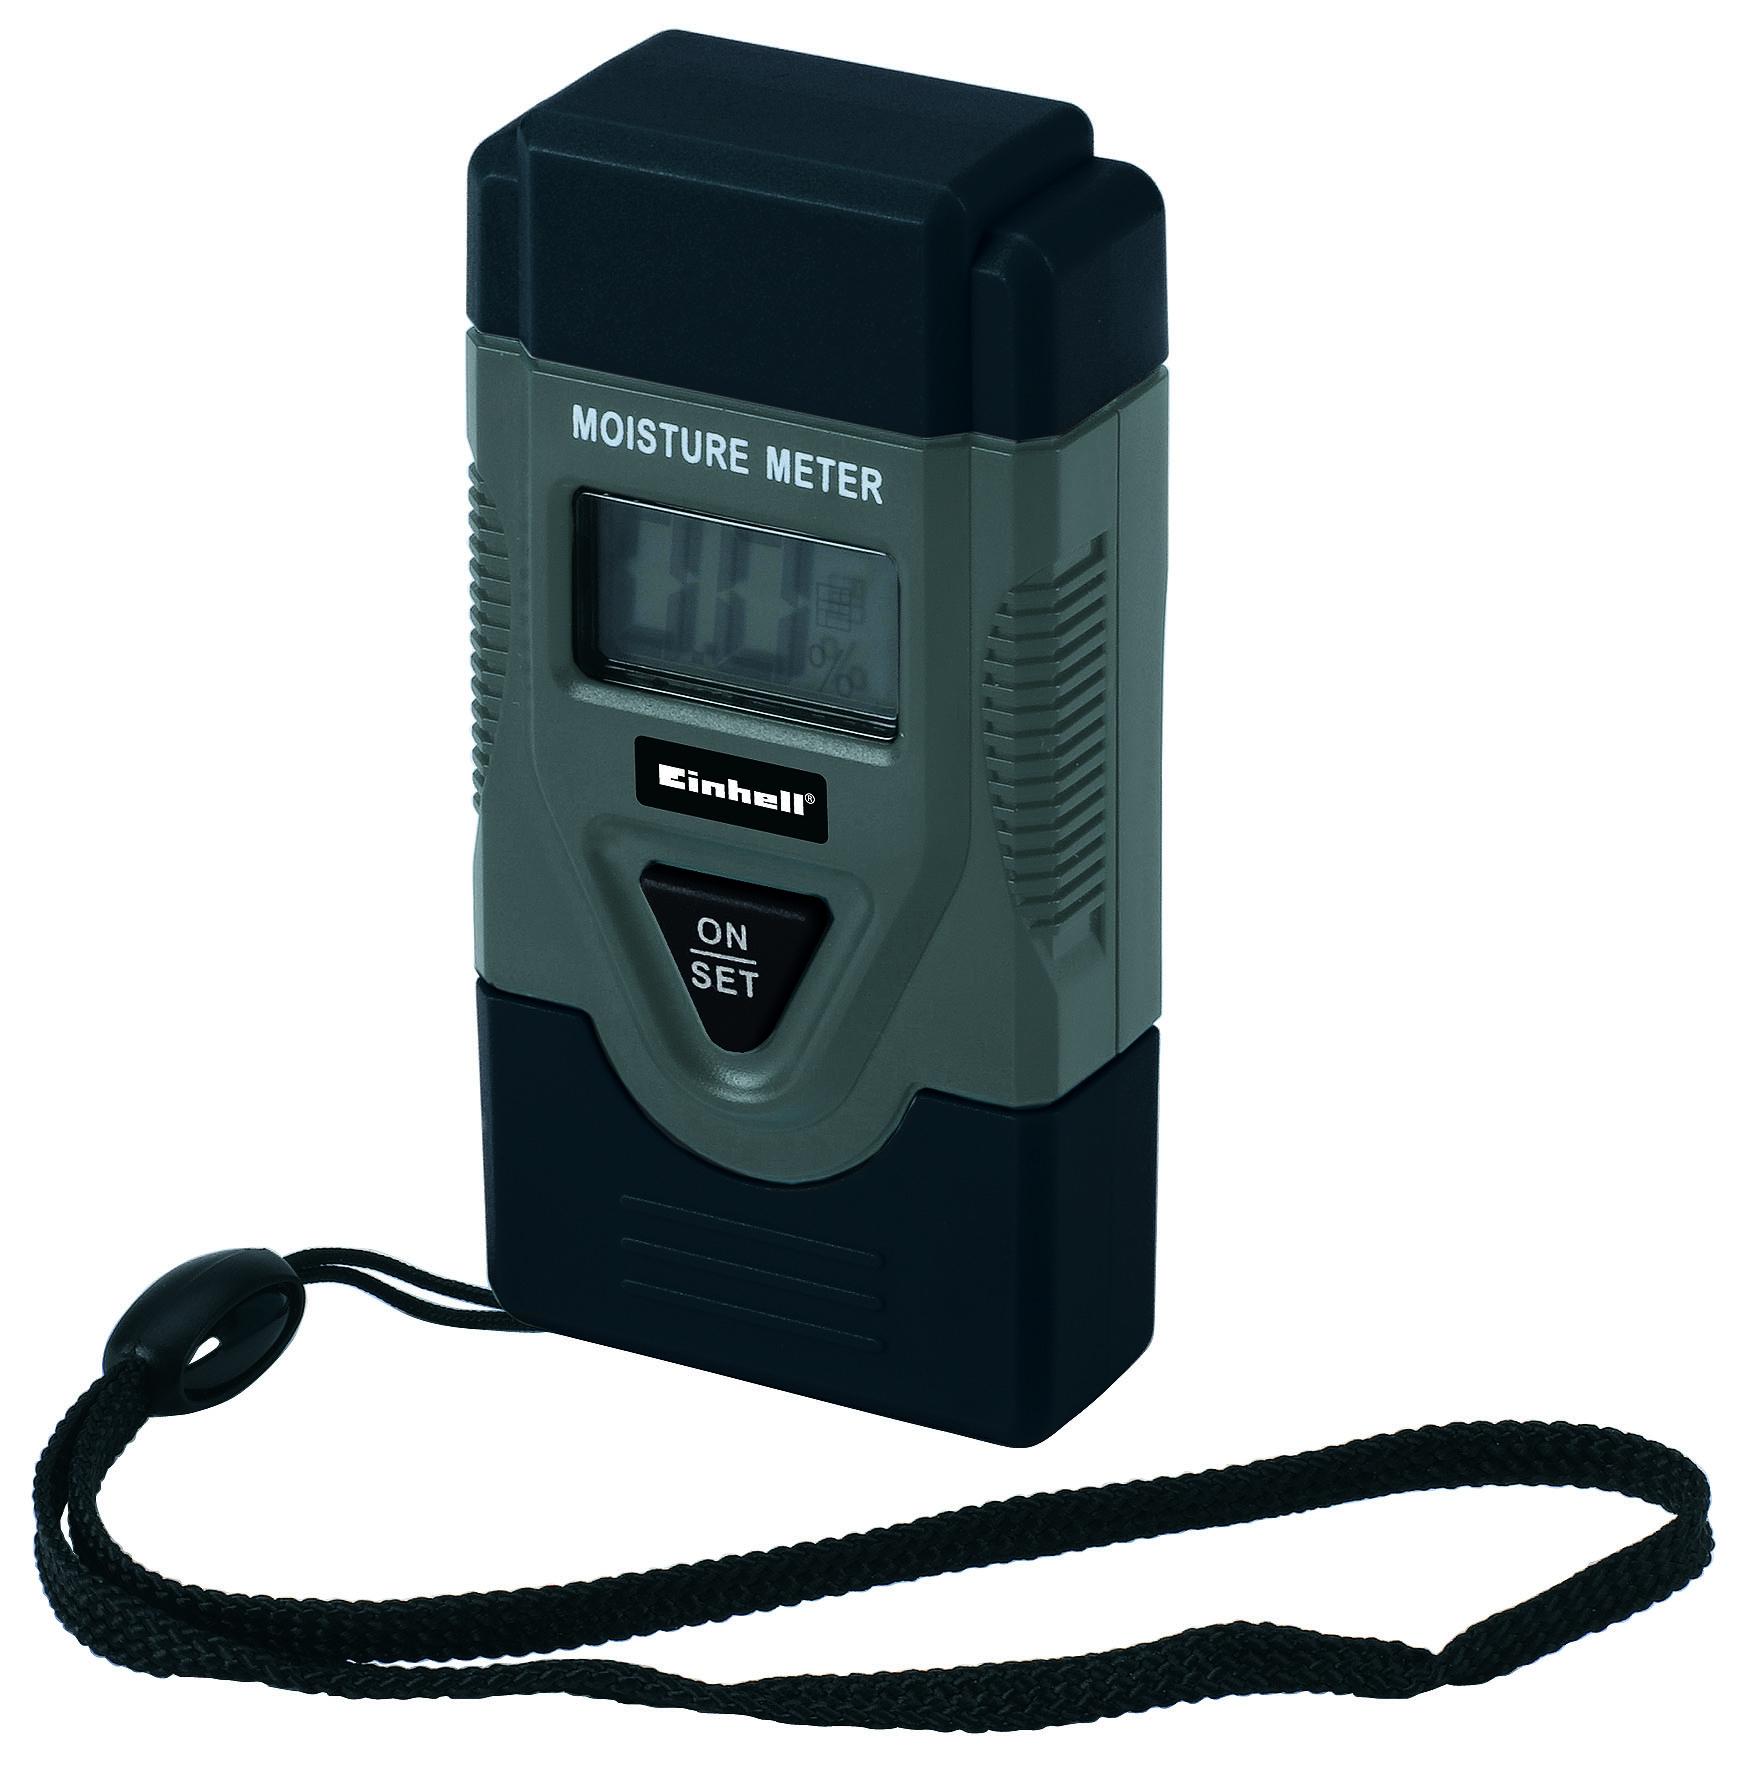 Norma24 - Einhell Holzfeuchte Messgerät